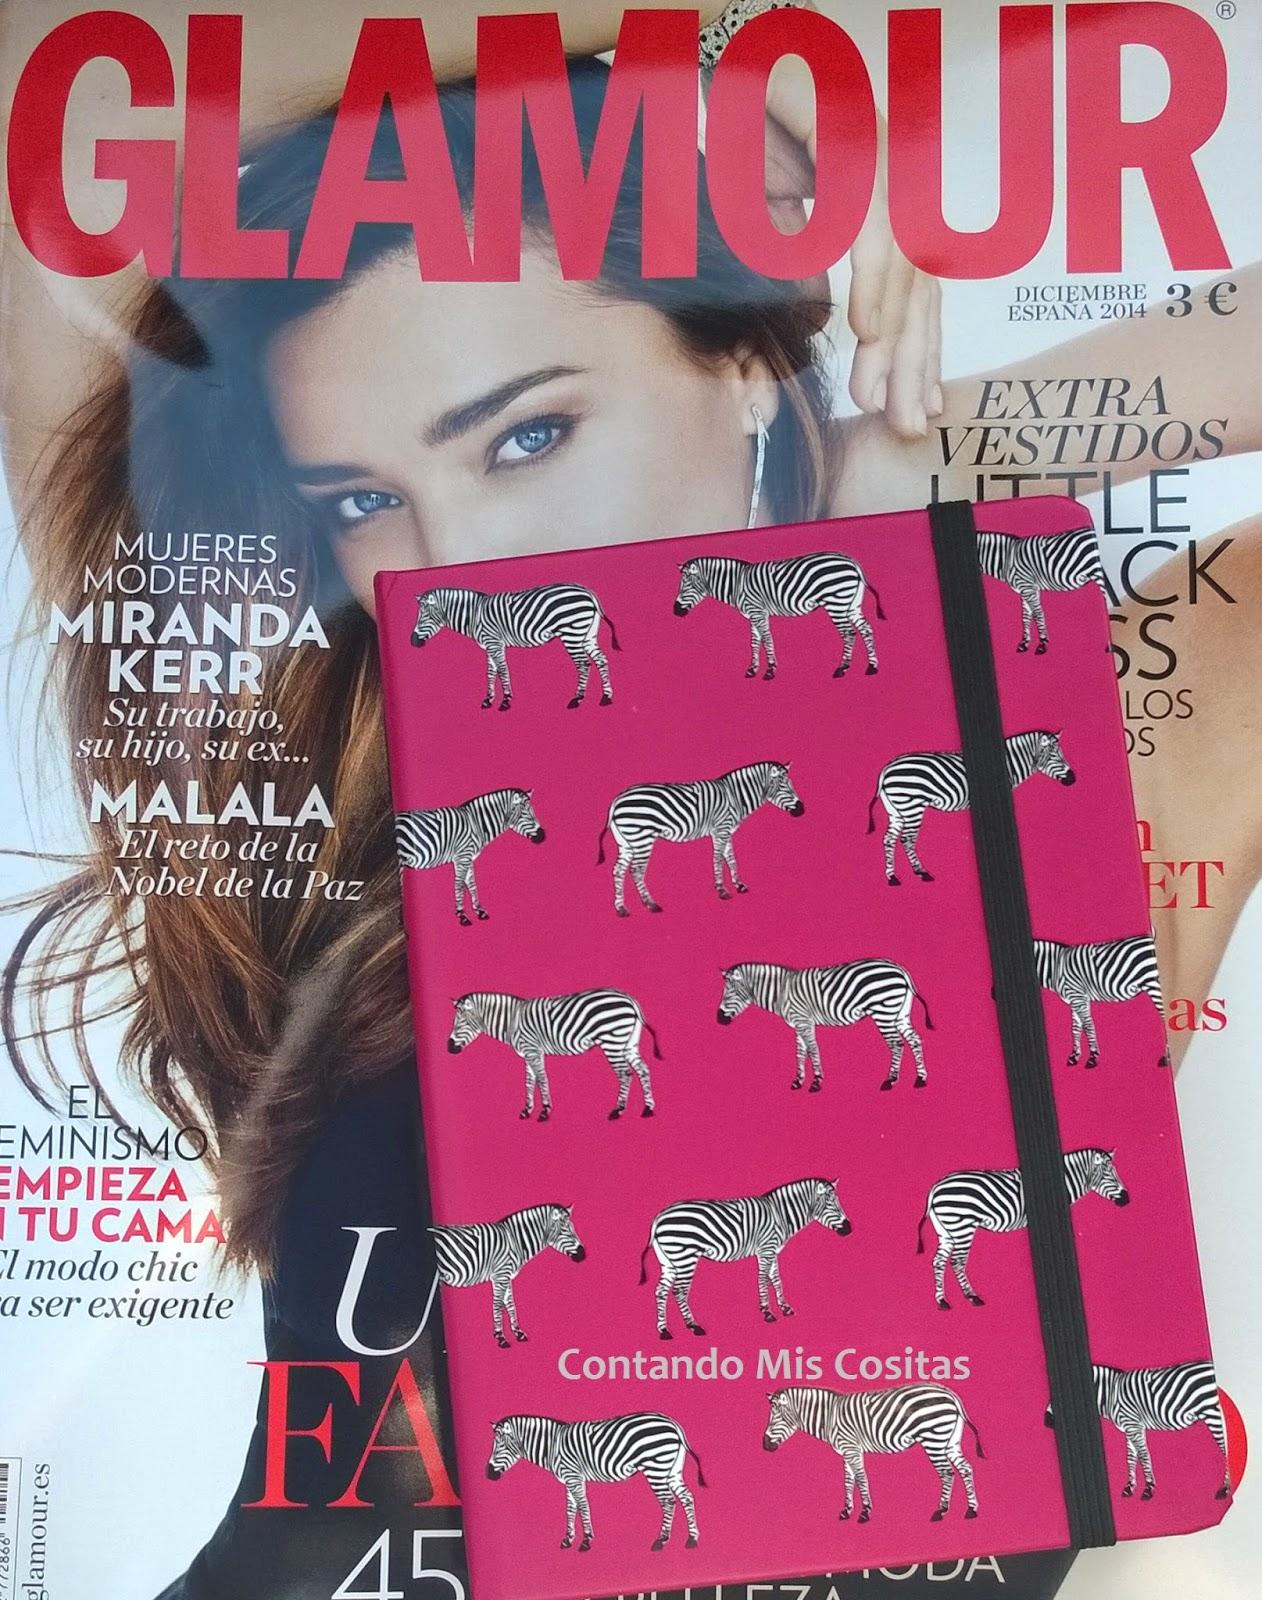 agenda glamour diciembre 2014